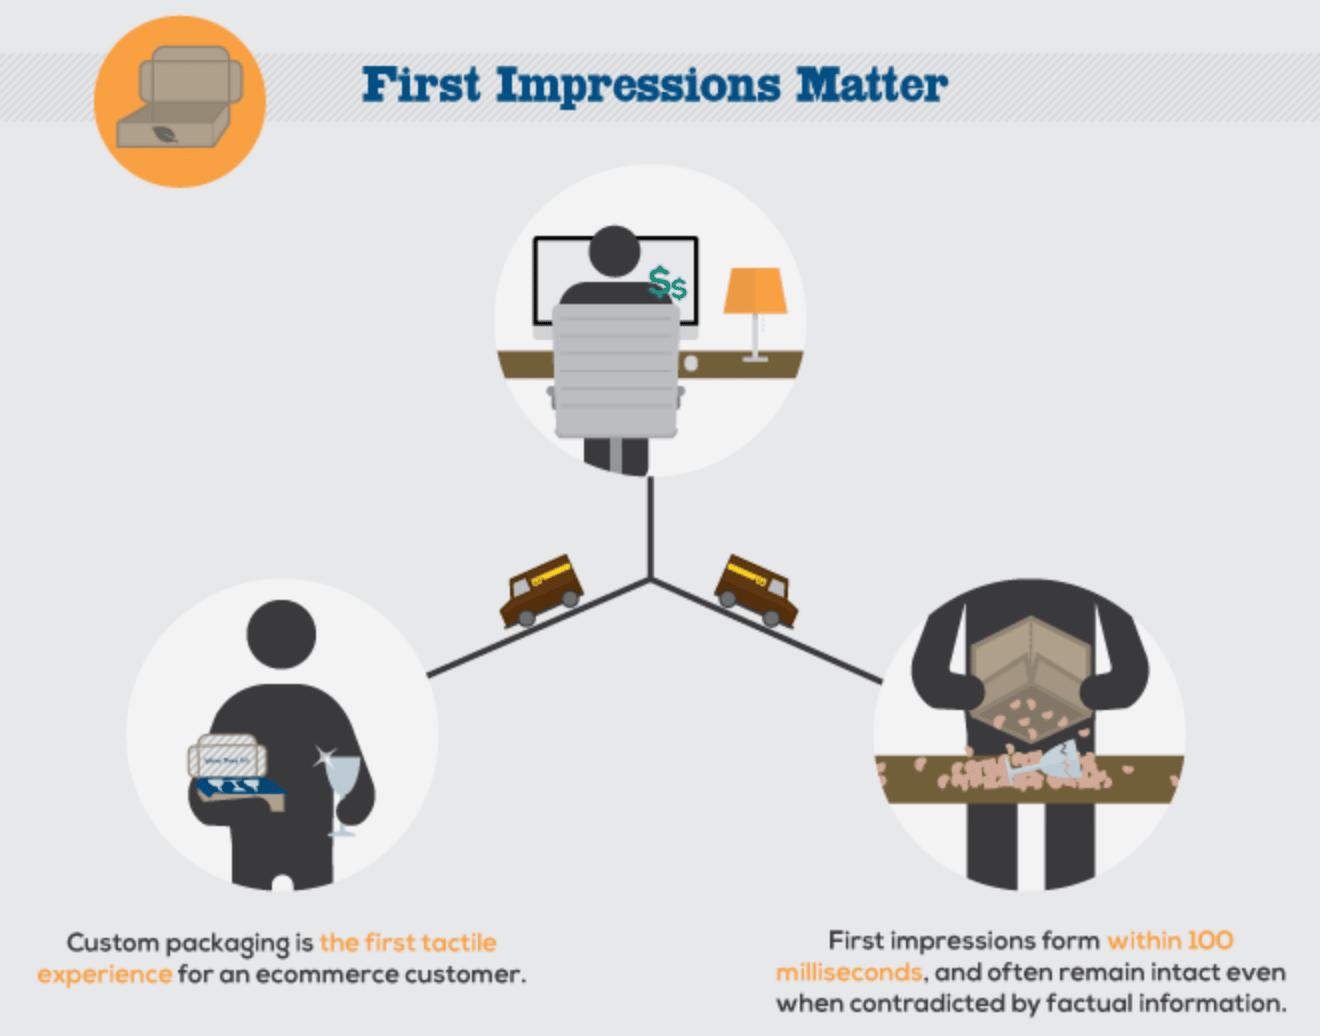 Le packaging est le premier contact physique entre un client et une enseigne e-commerce